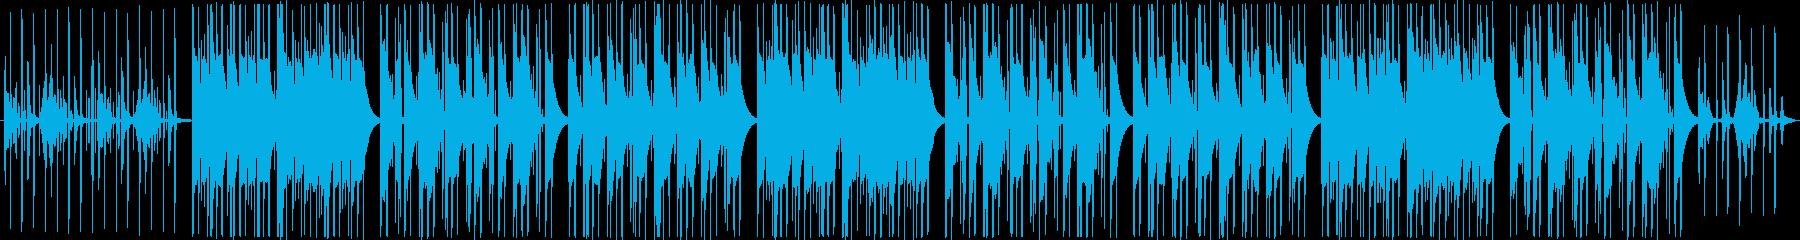 ストリングスの入った可愛いポップスの再生済みの波形